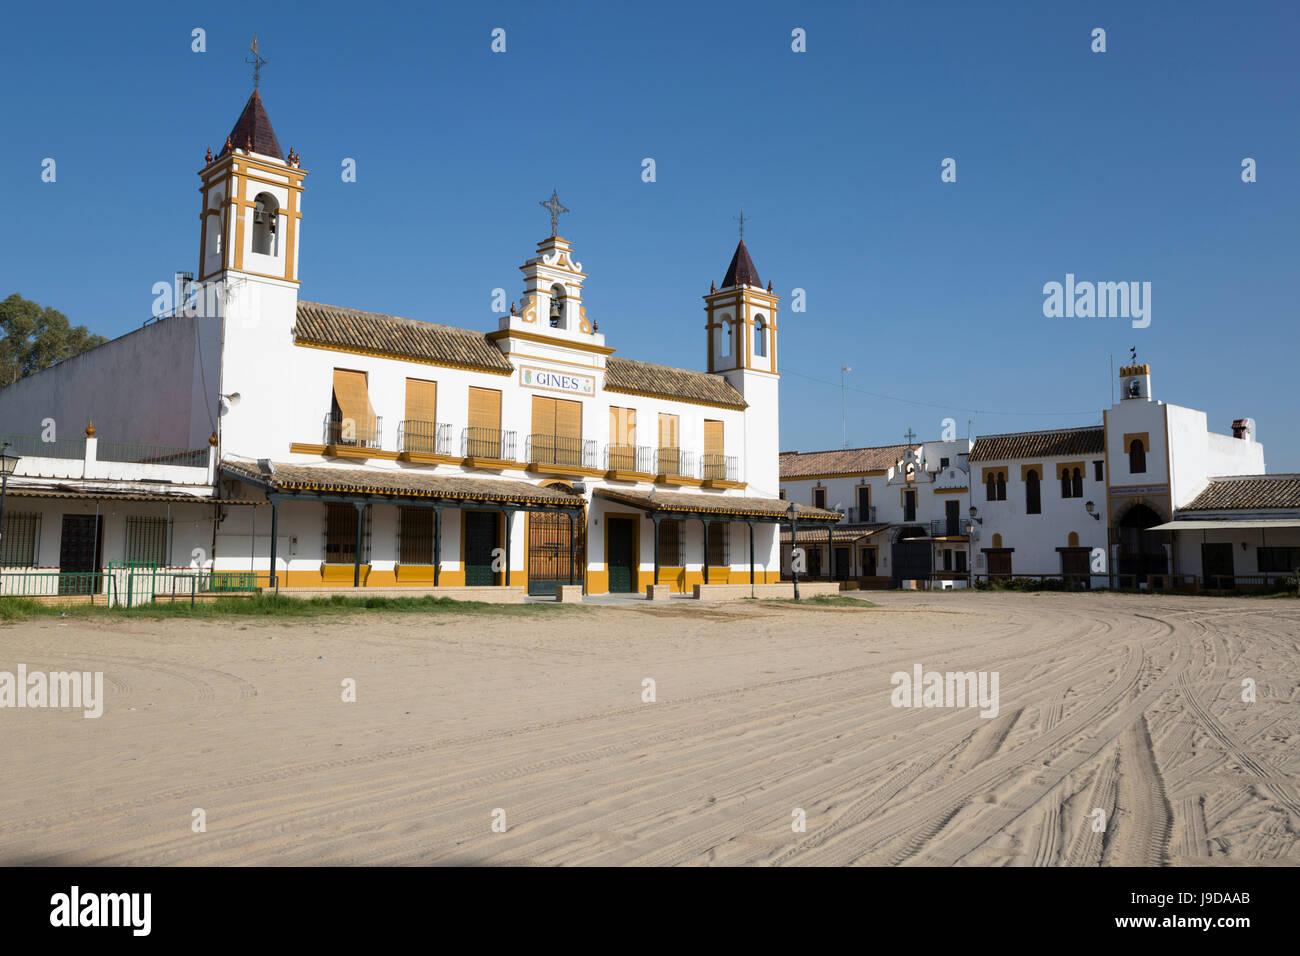 Sand Straßen und Brüderlichkeit Häuser, El Rocio, Provinz Huelva, Andalusien, Spanien, Europa Stockfoto